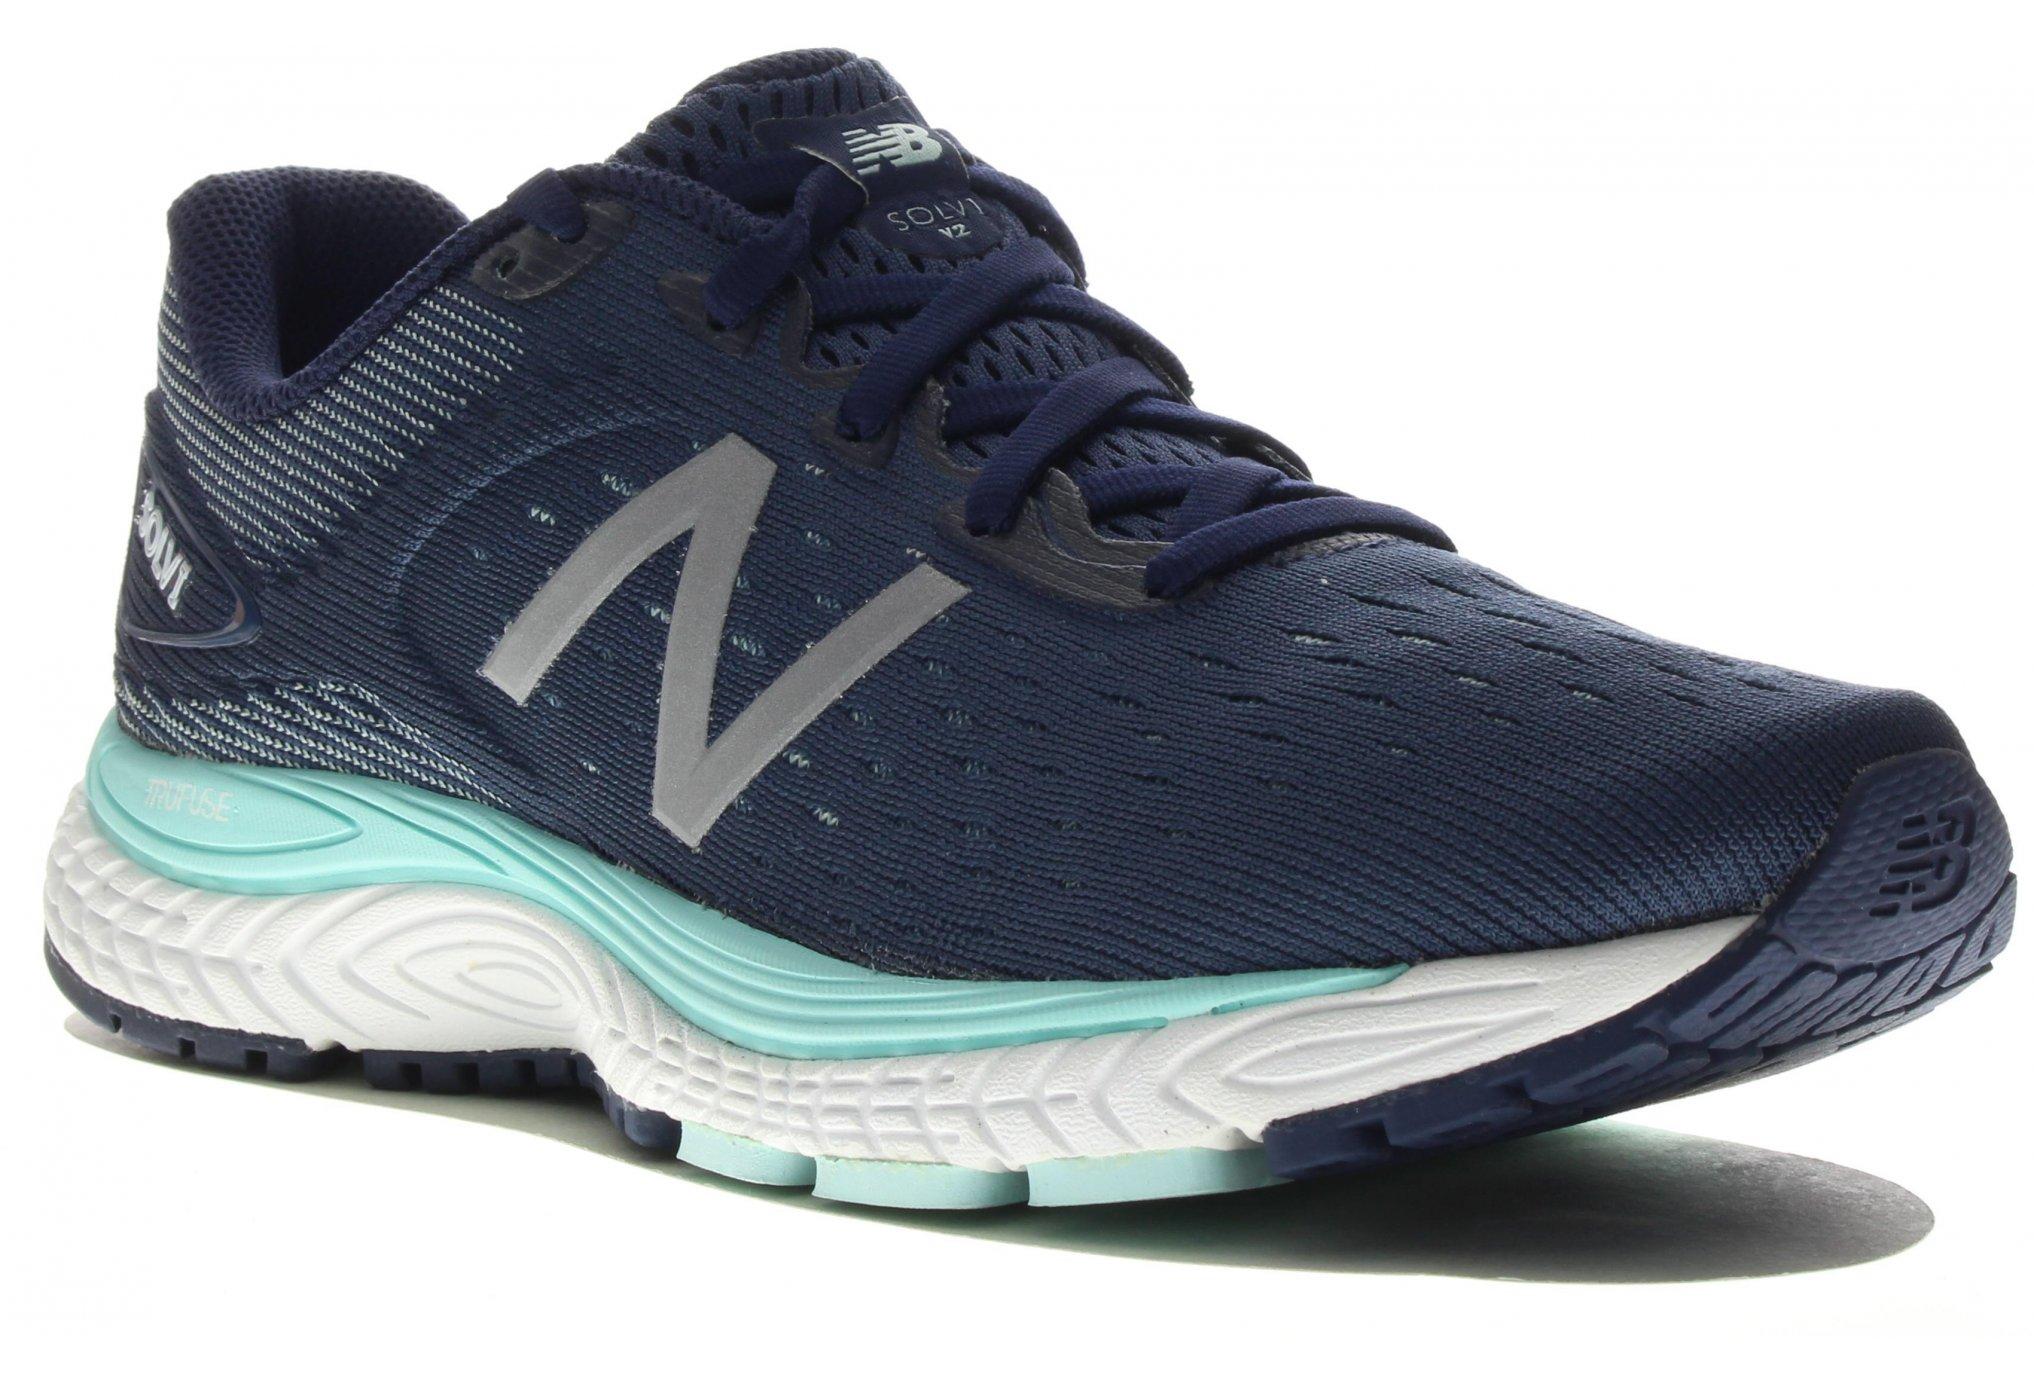 New Balance W Solvi v2 - B Chaussures running femme